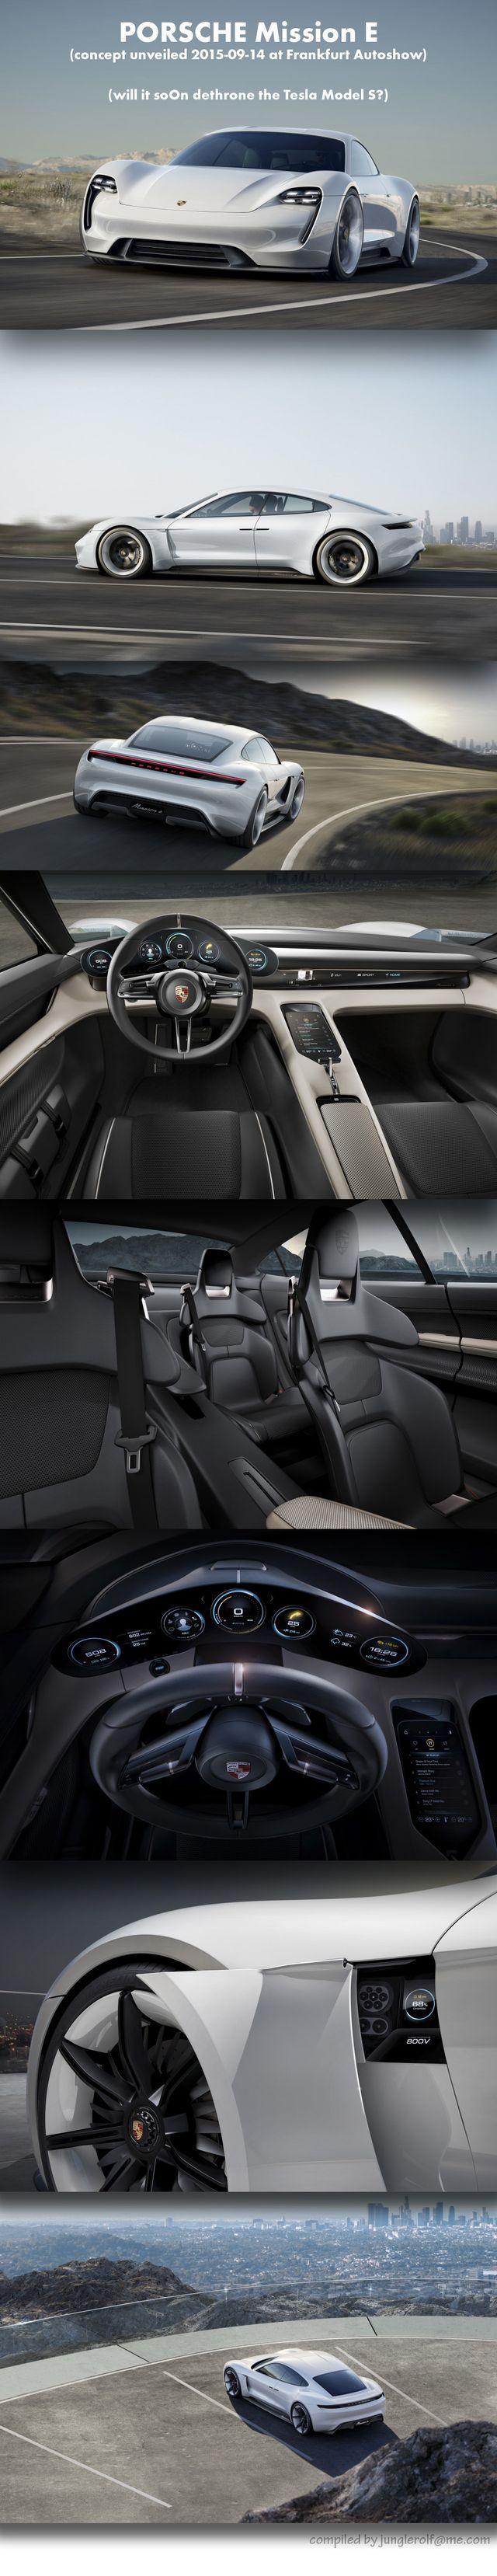 39 best Audi concepts images on Pinterest | Audi quattro, Autos and Cars